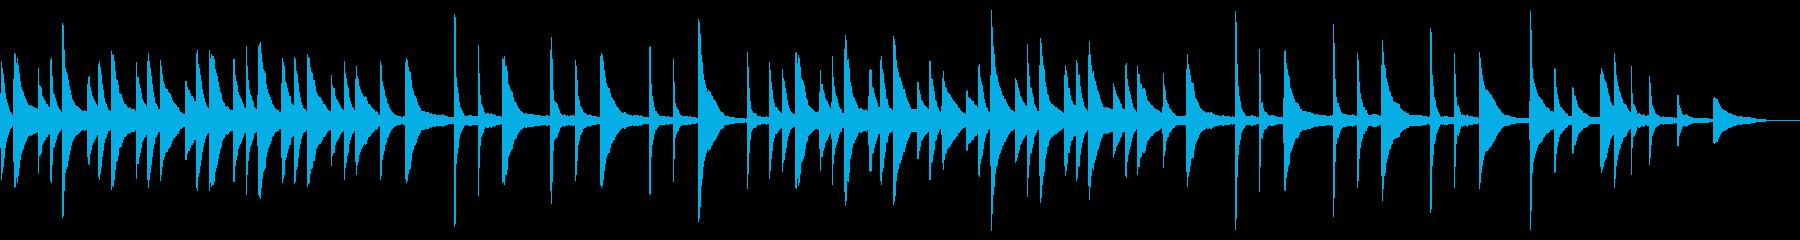 暗く穏やかな雰囲気のピアノBGMの再生済みの波形